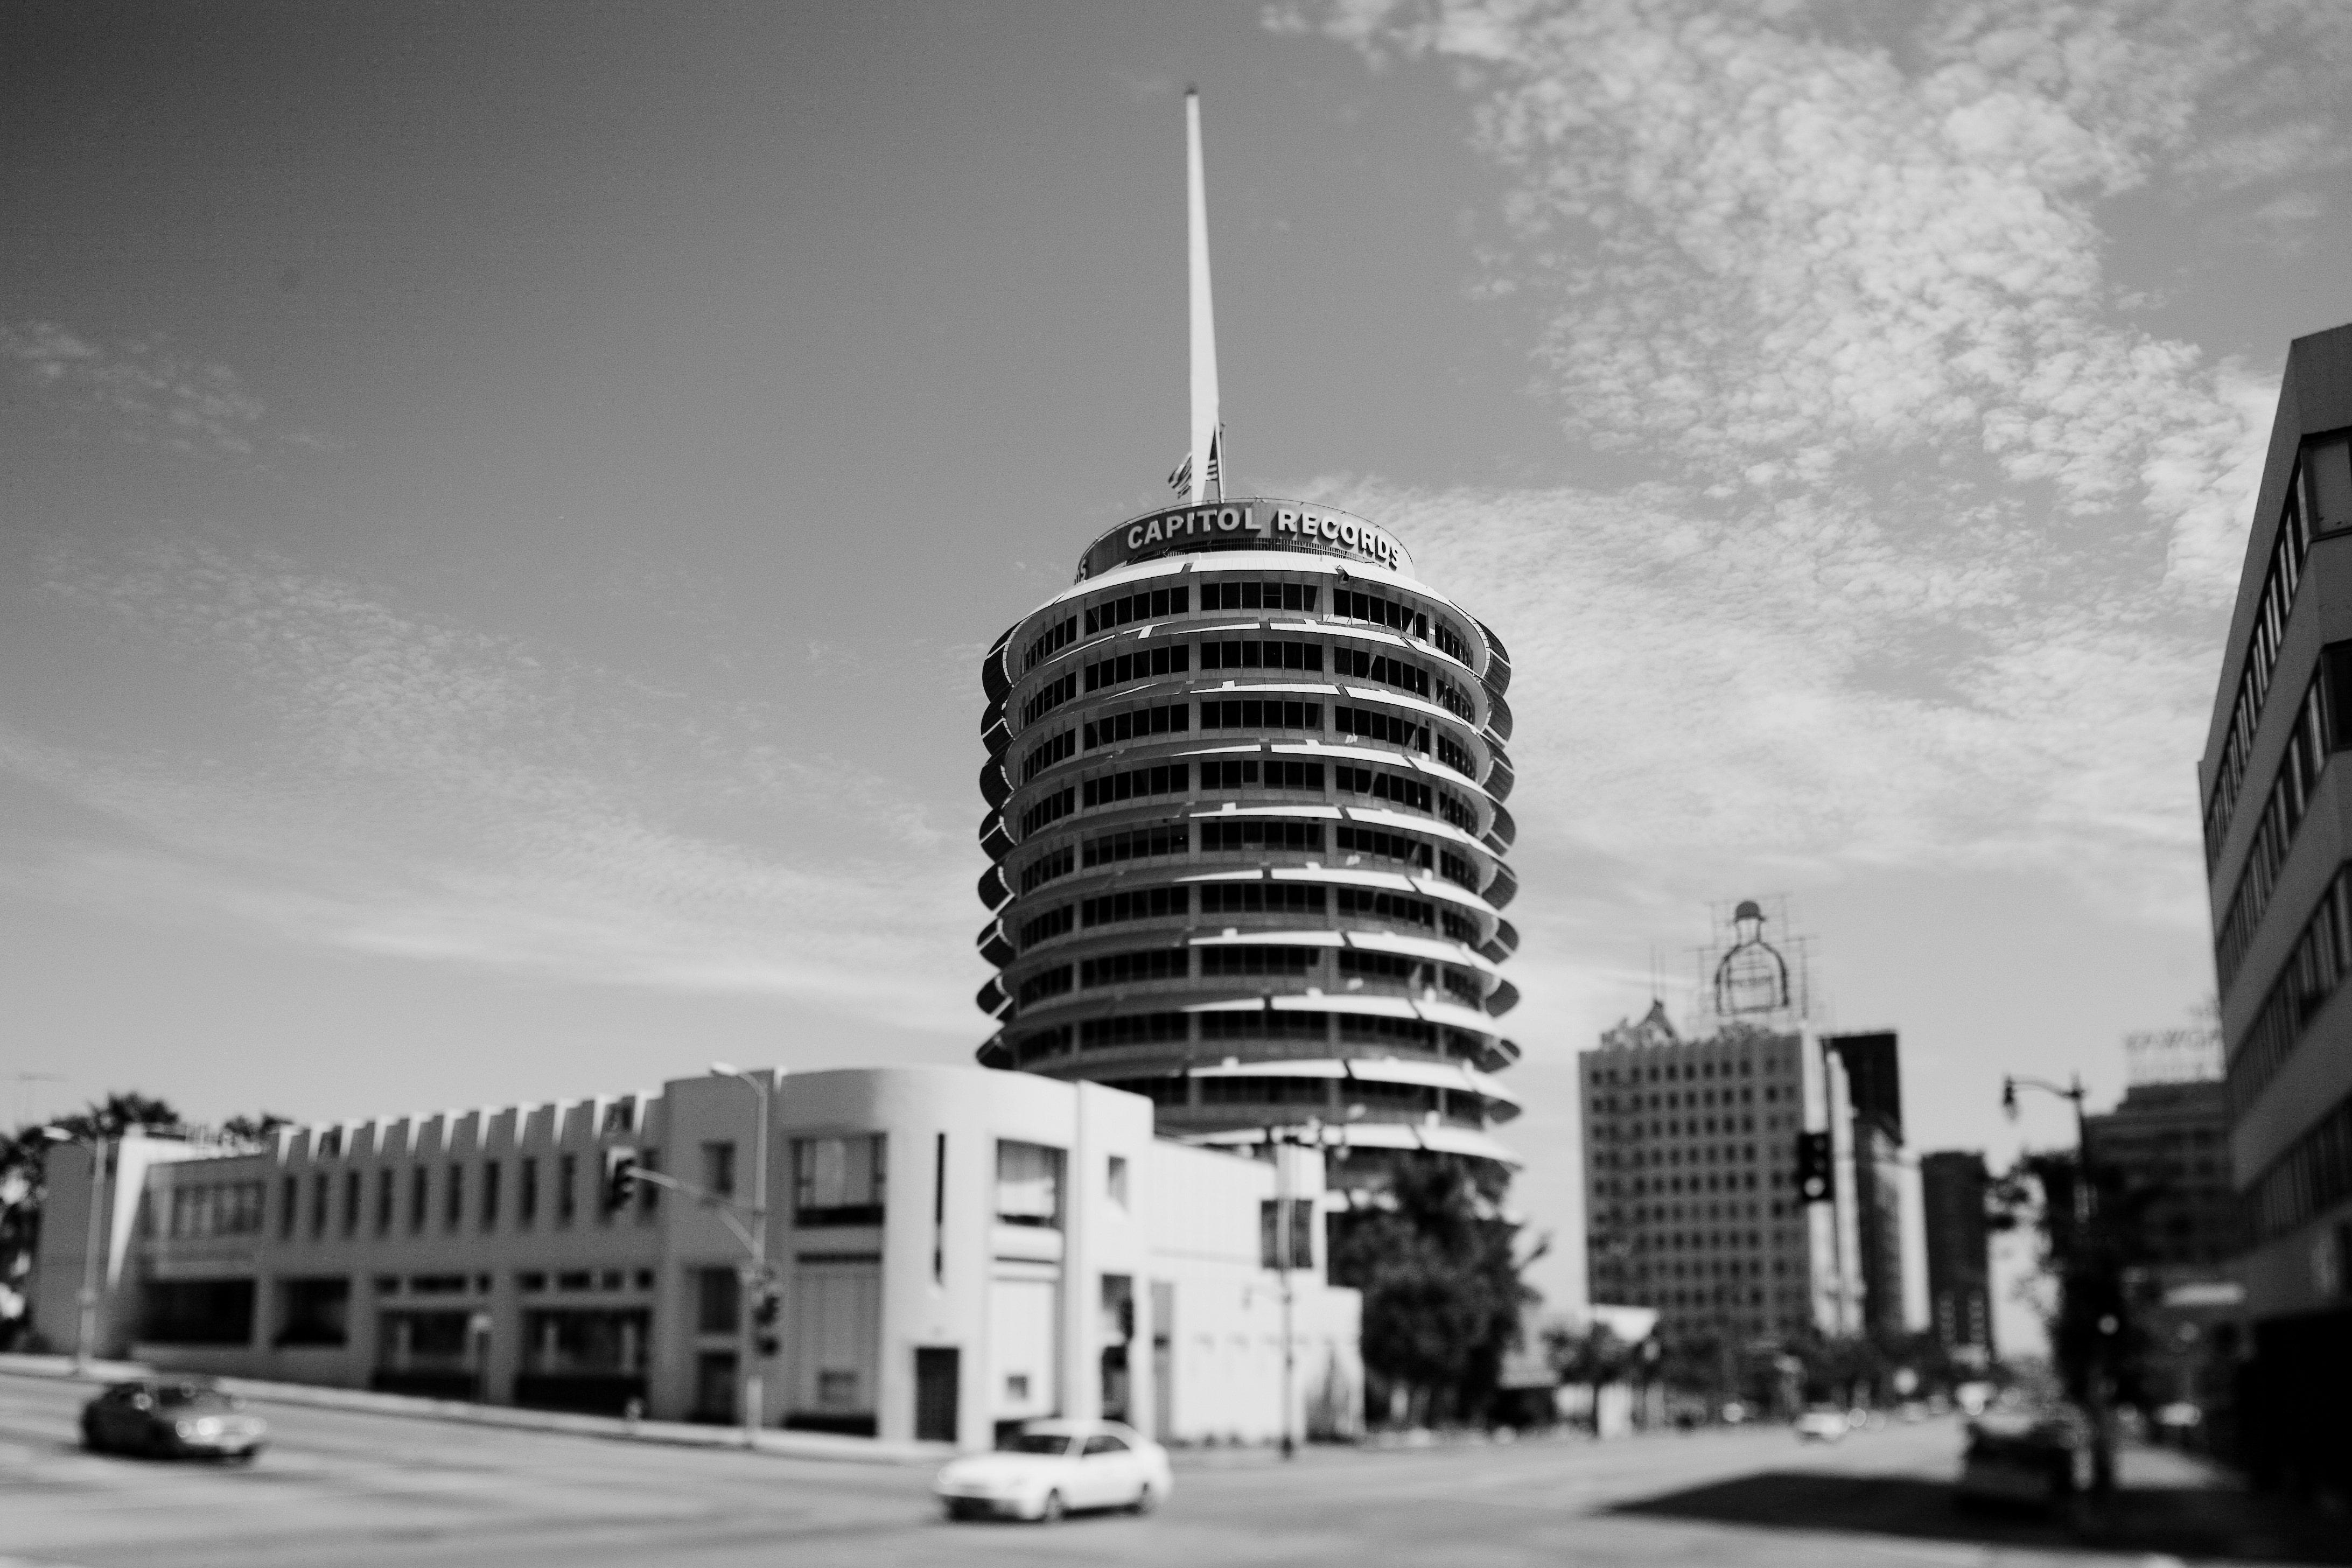 Ngành công nghiệp âm nhạc tổ chức 'Black Out Saturday' để đáp lại cái chết của George Floyd